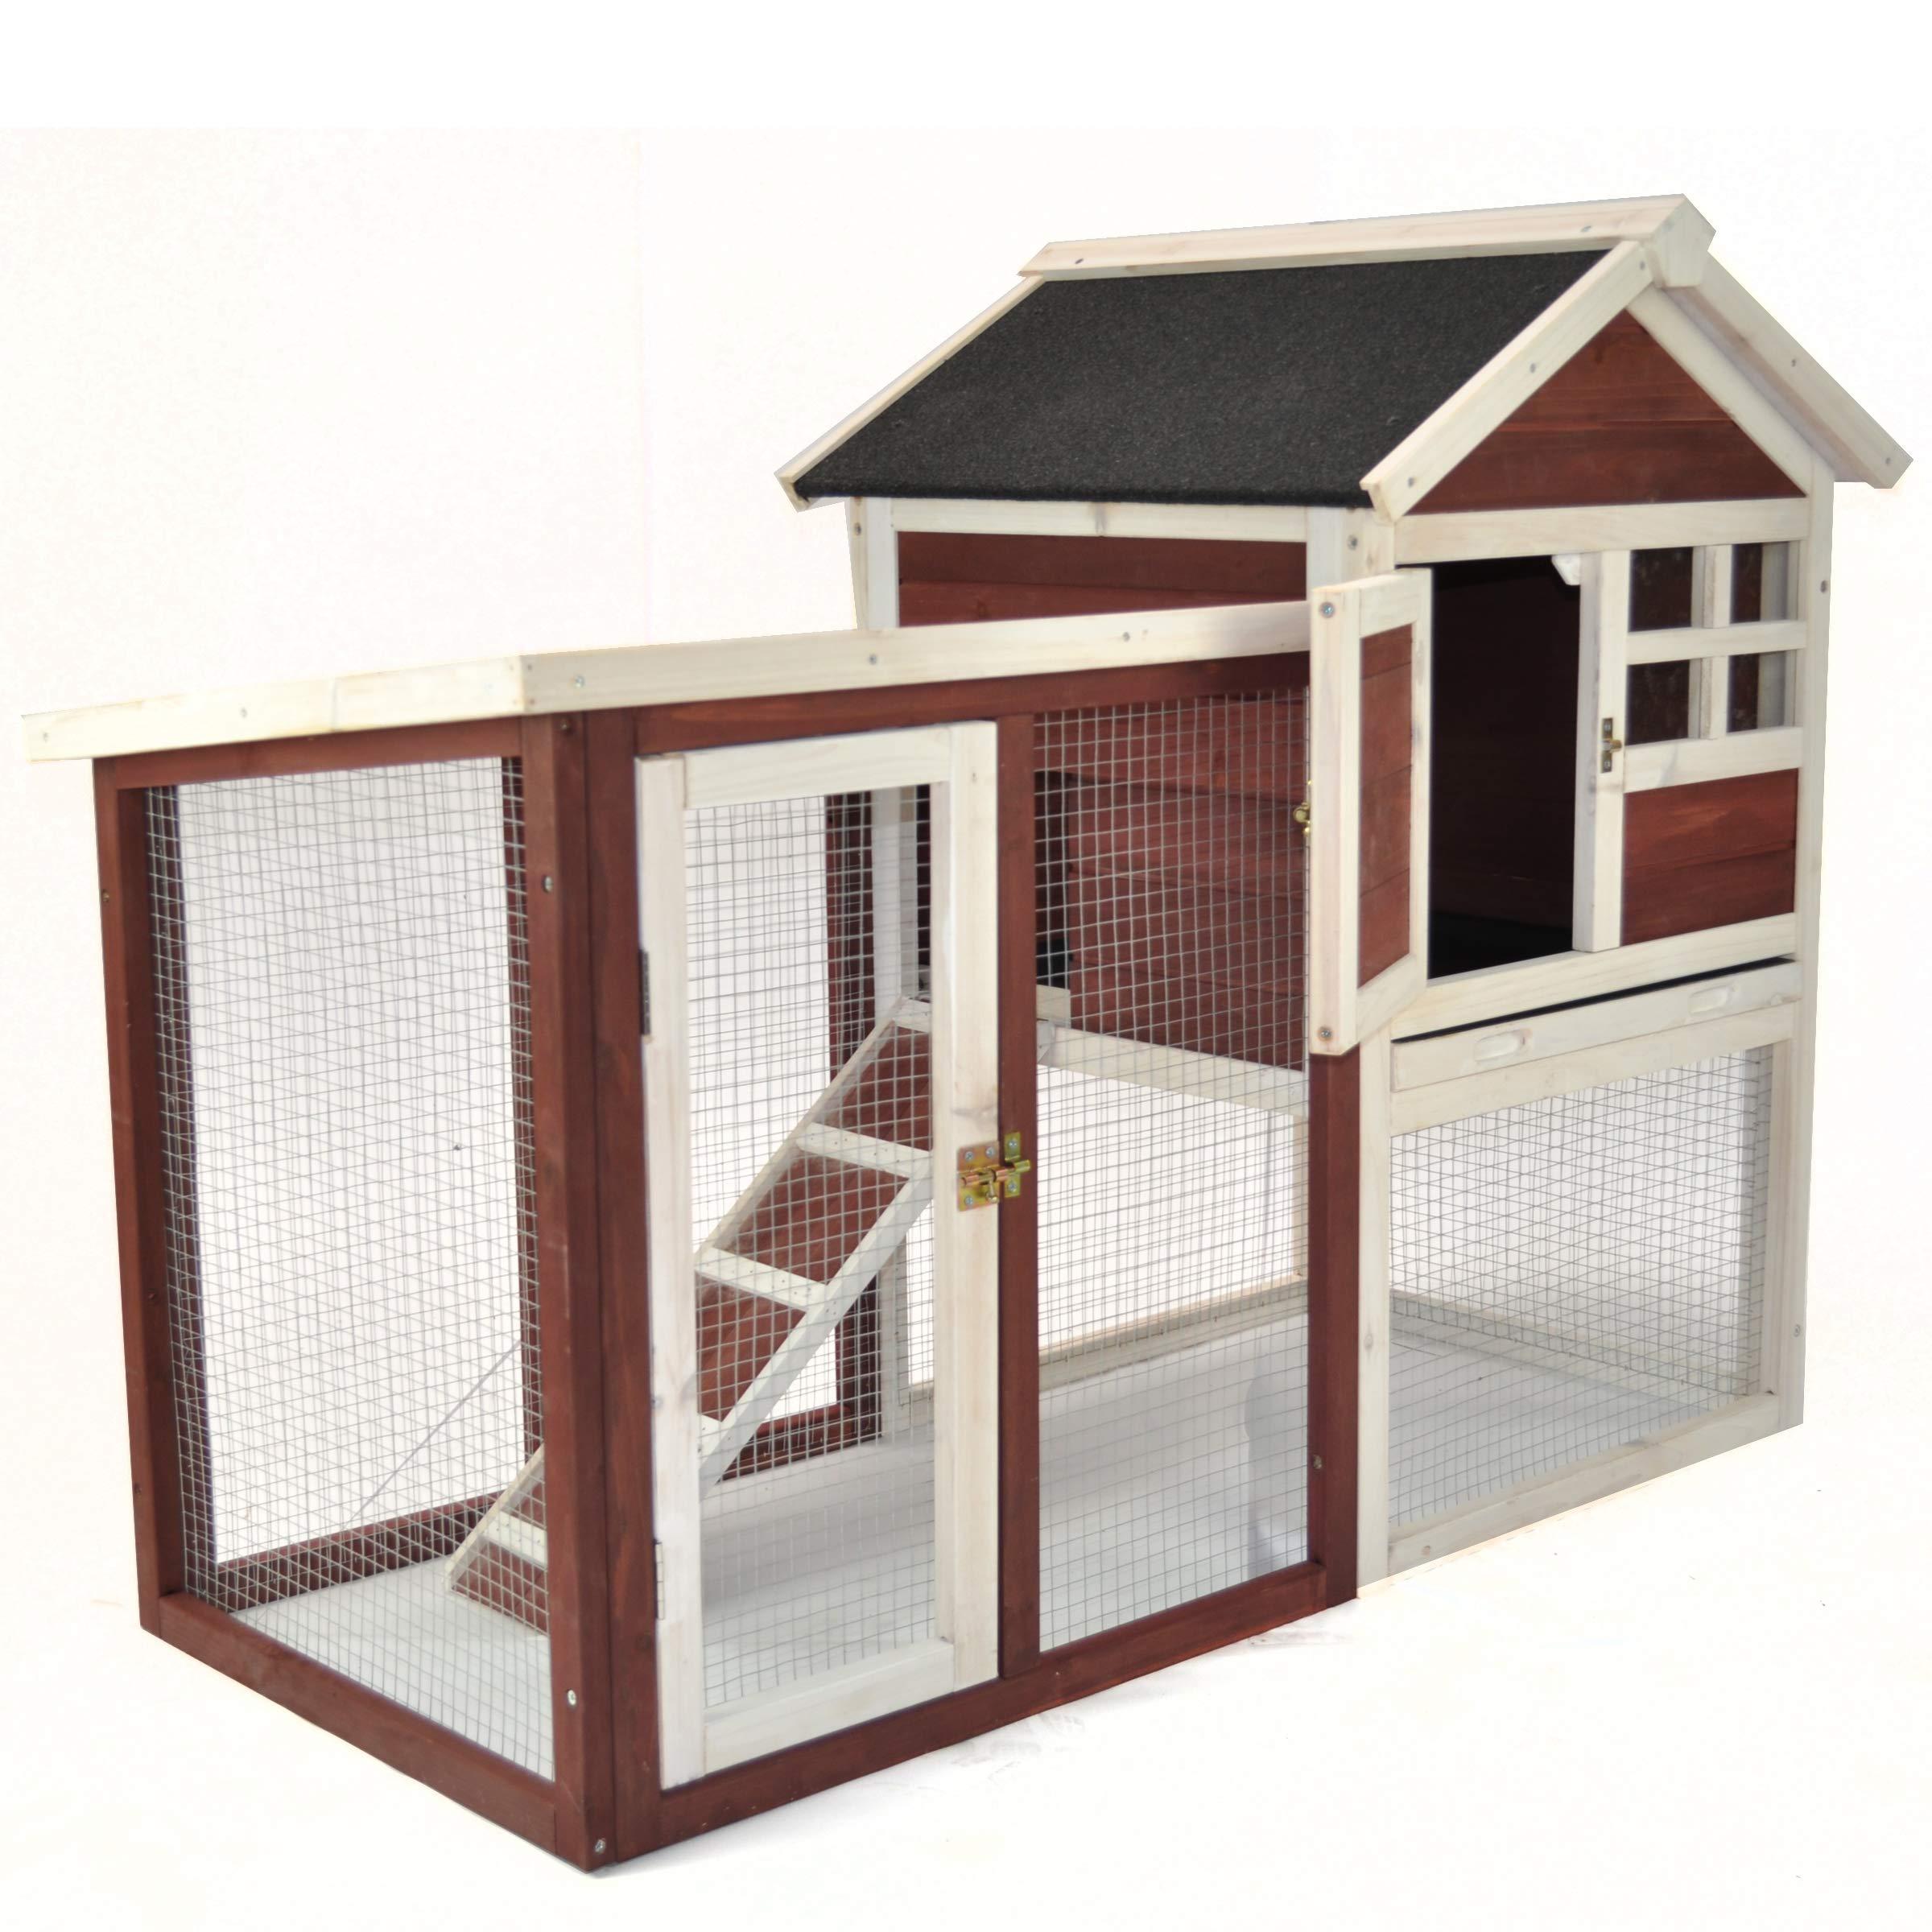 Advantek The Stilt House Rabbit Hutch by Advantek